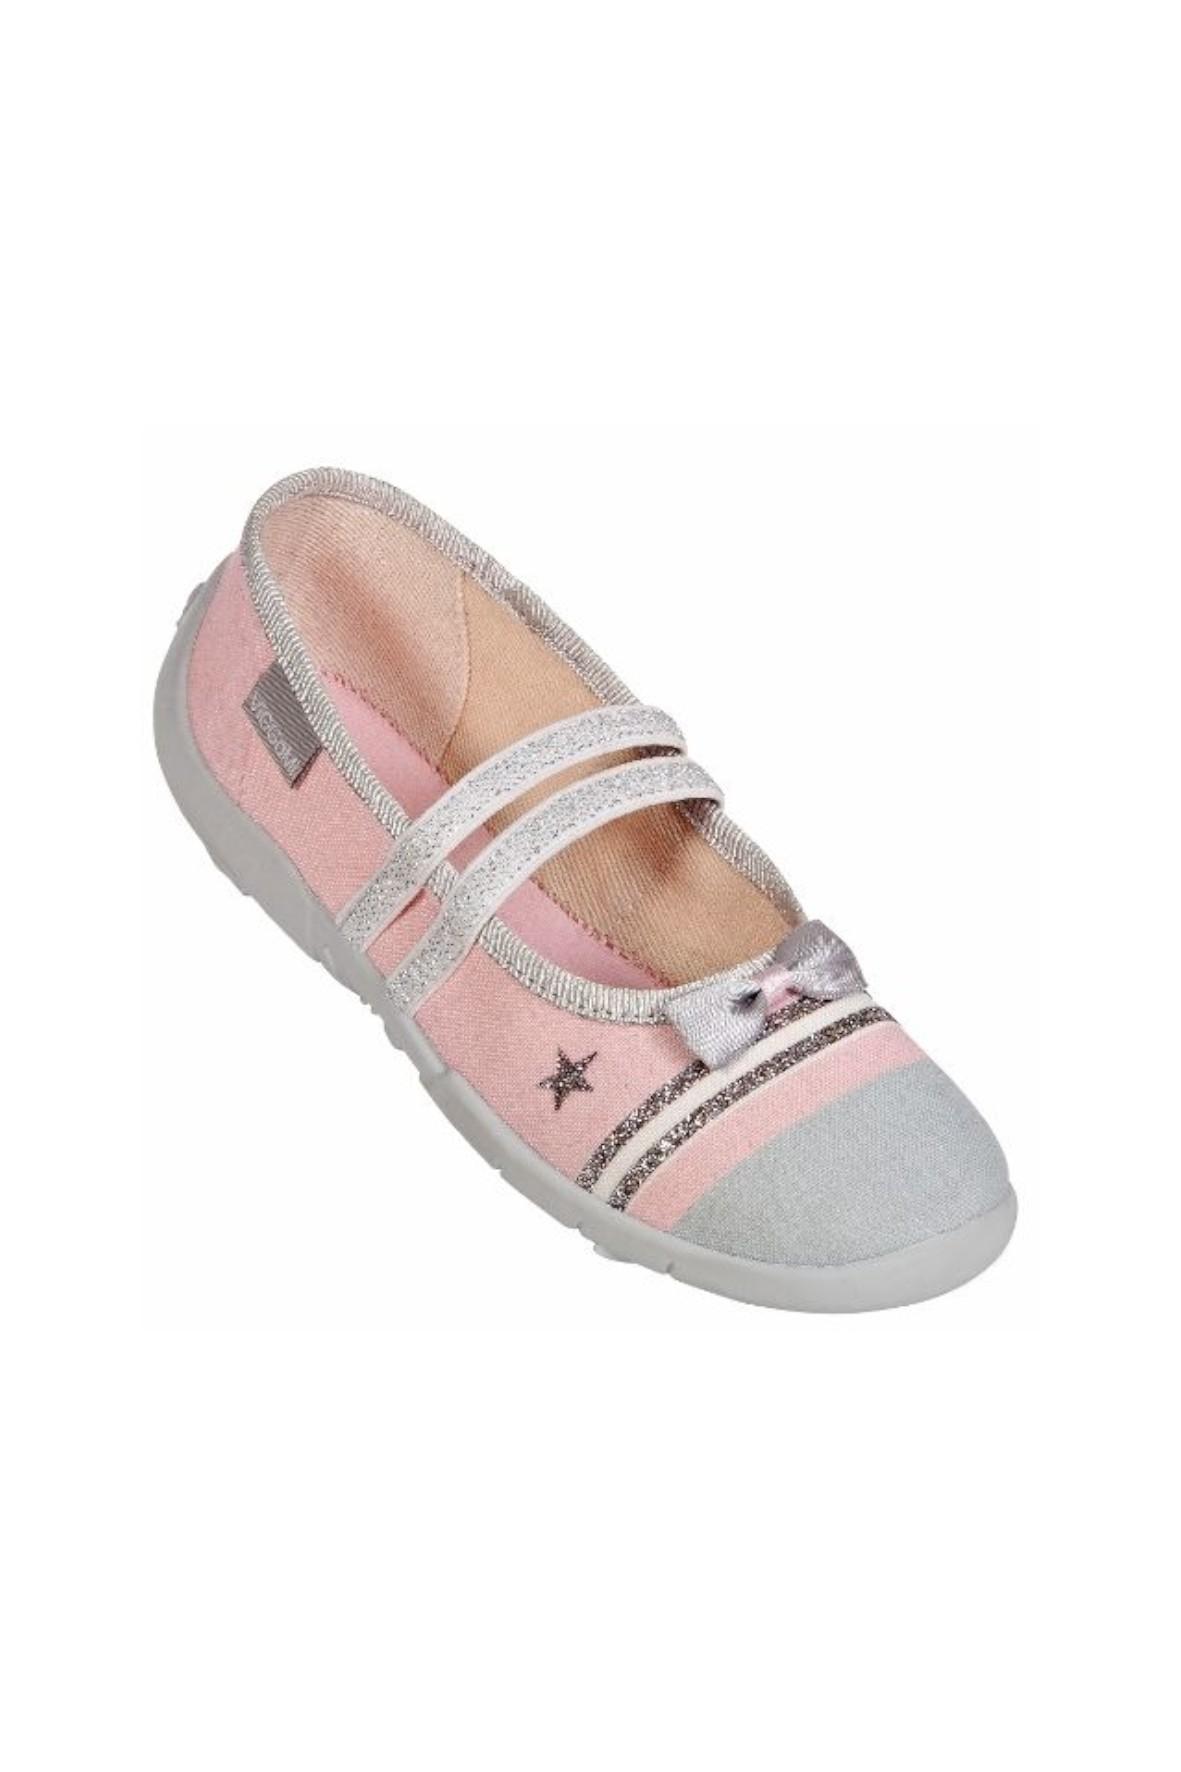 Buty dziewczęce różowe ze srebrnymi elementami